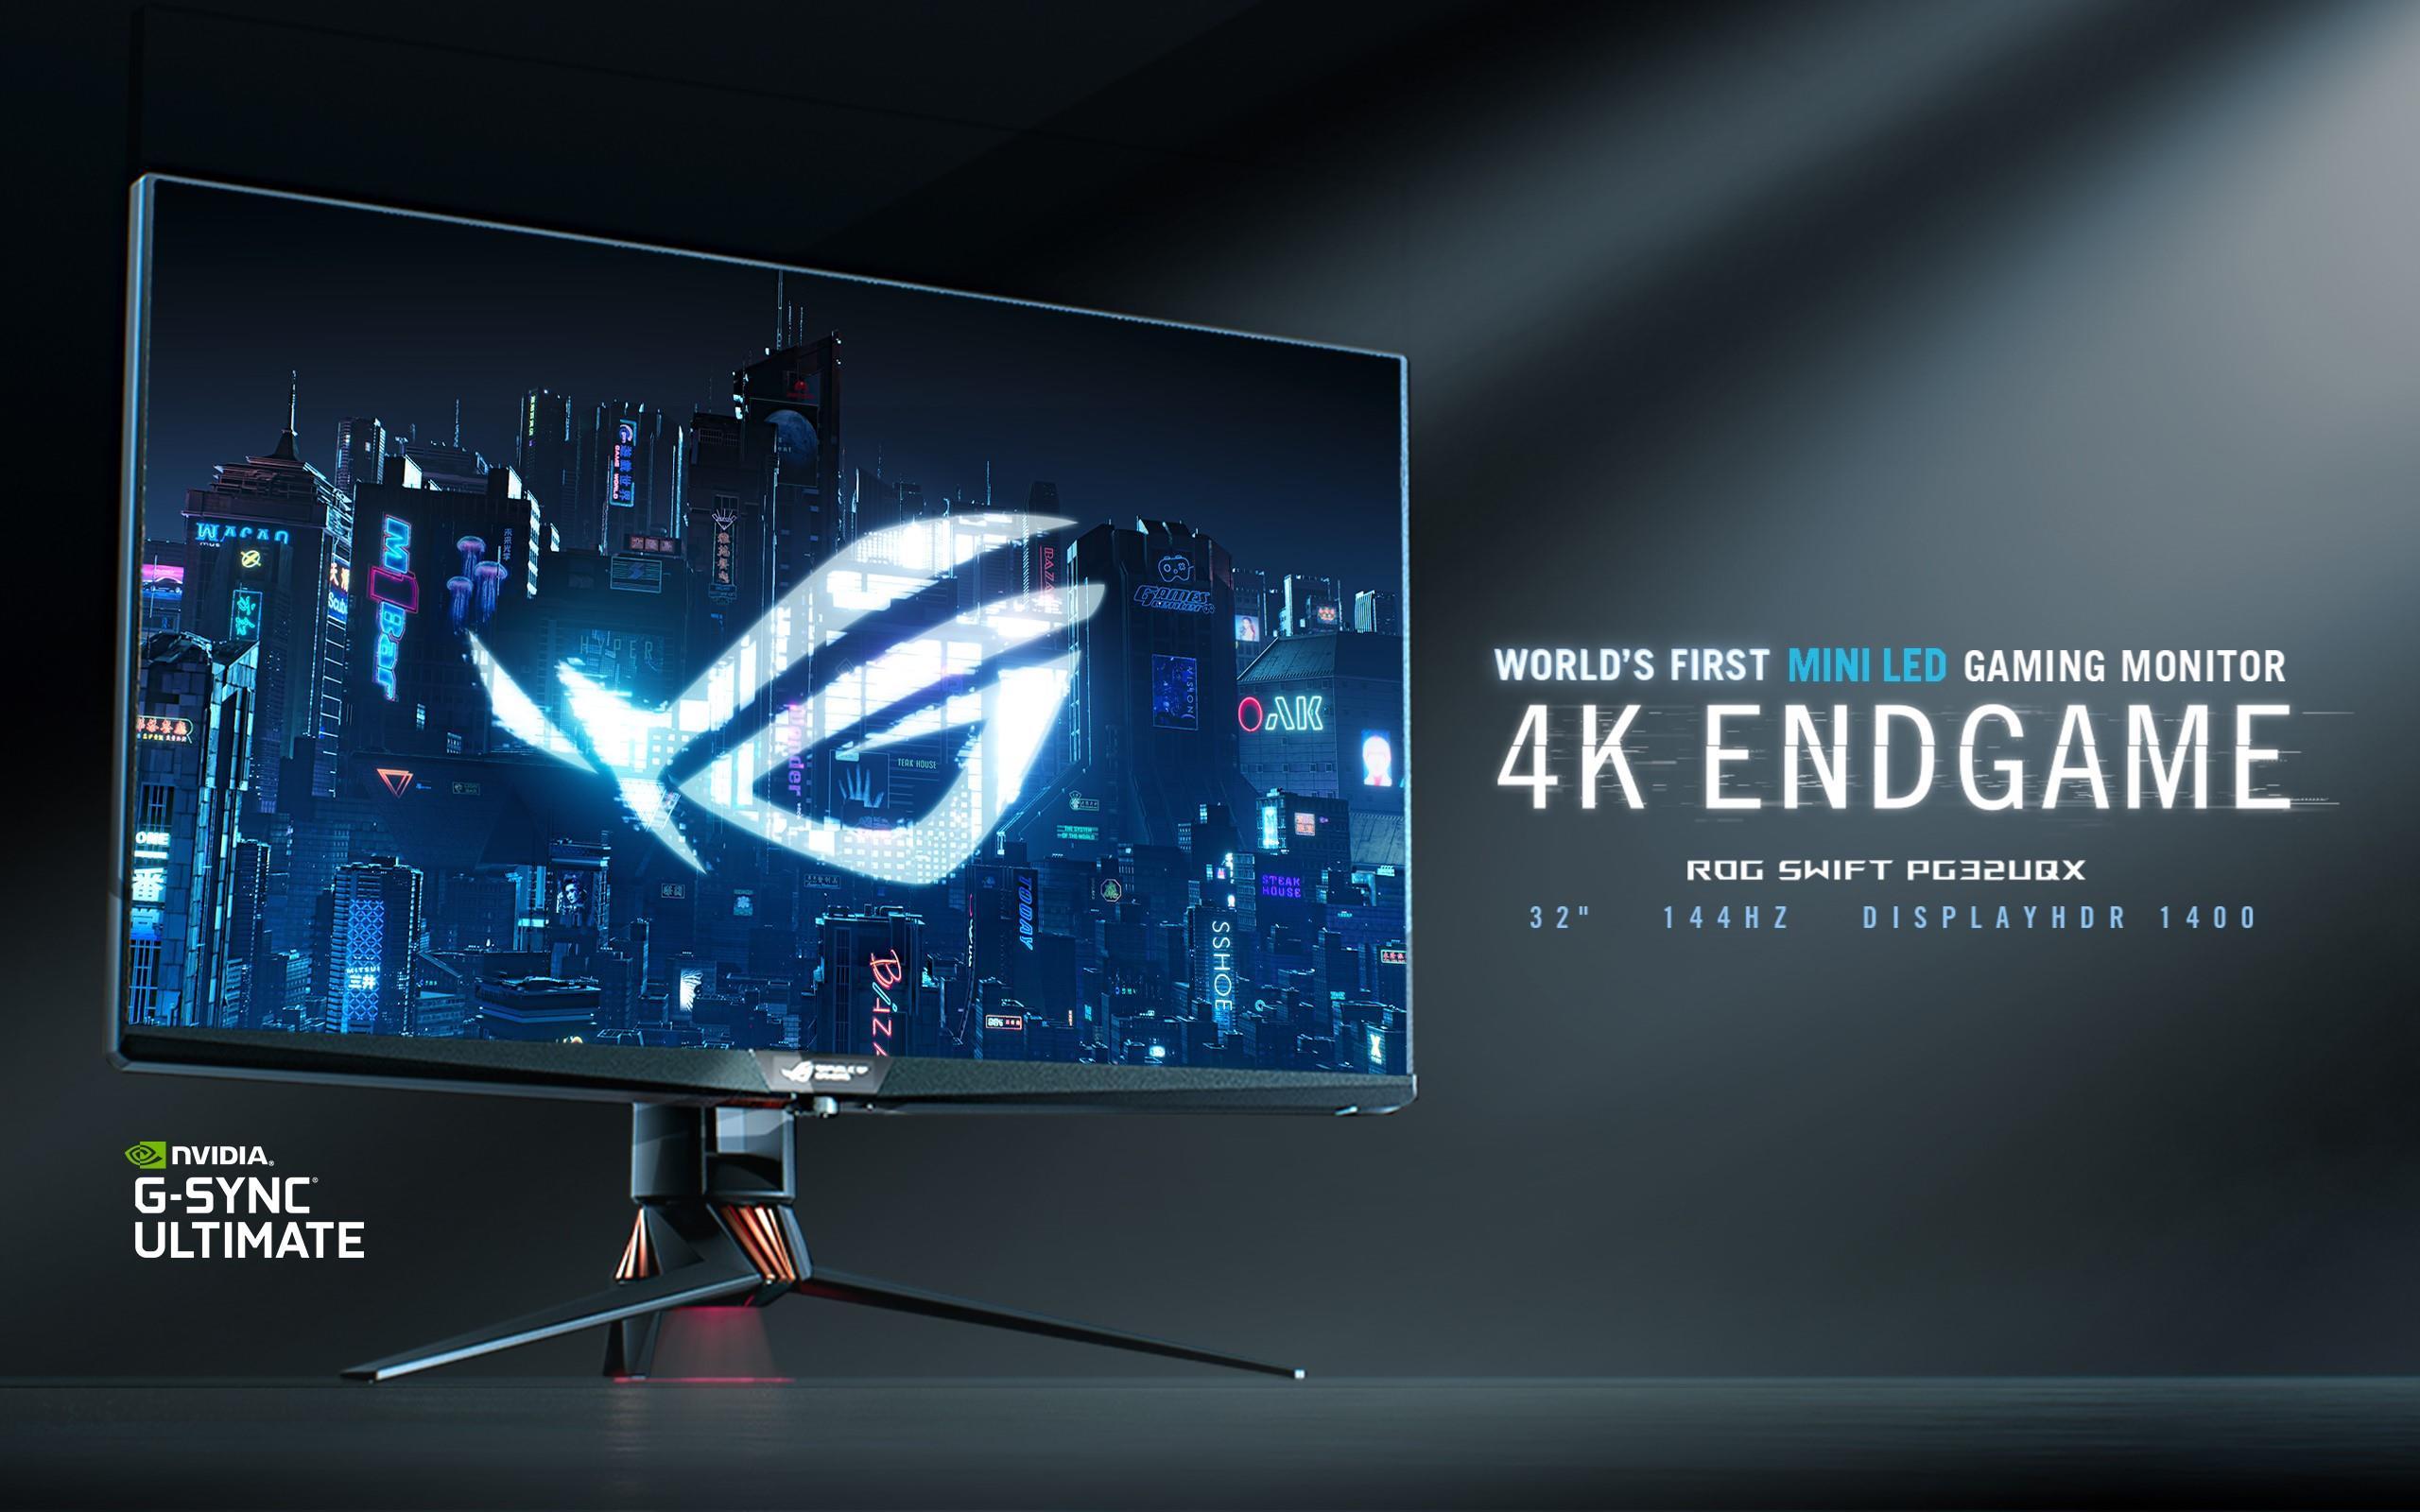 No.1 Gaming Monitor Brand